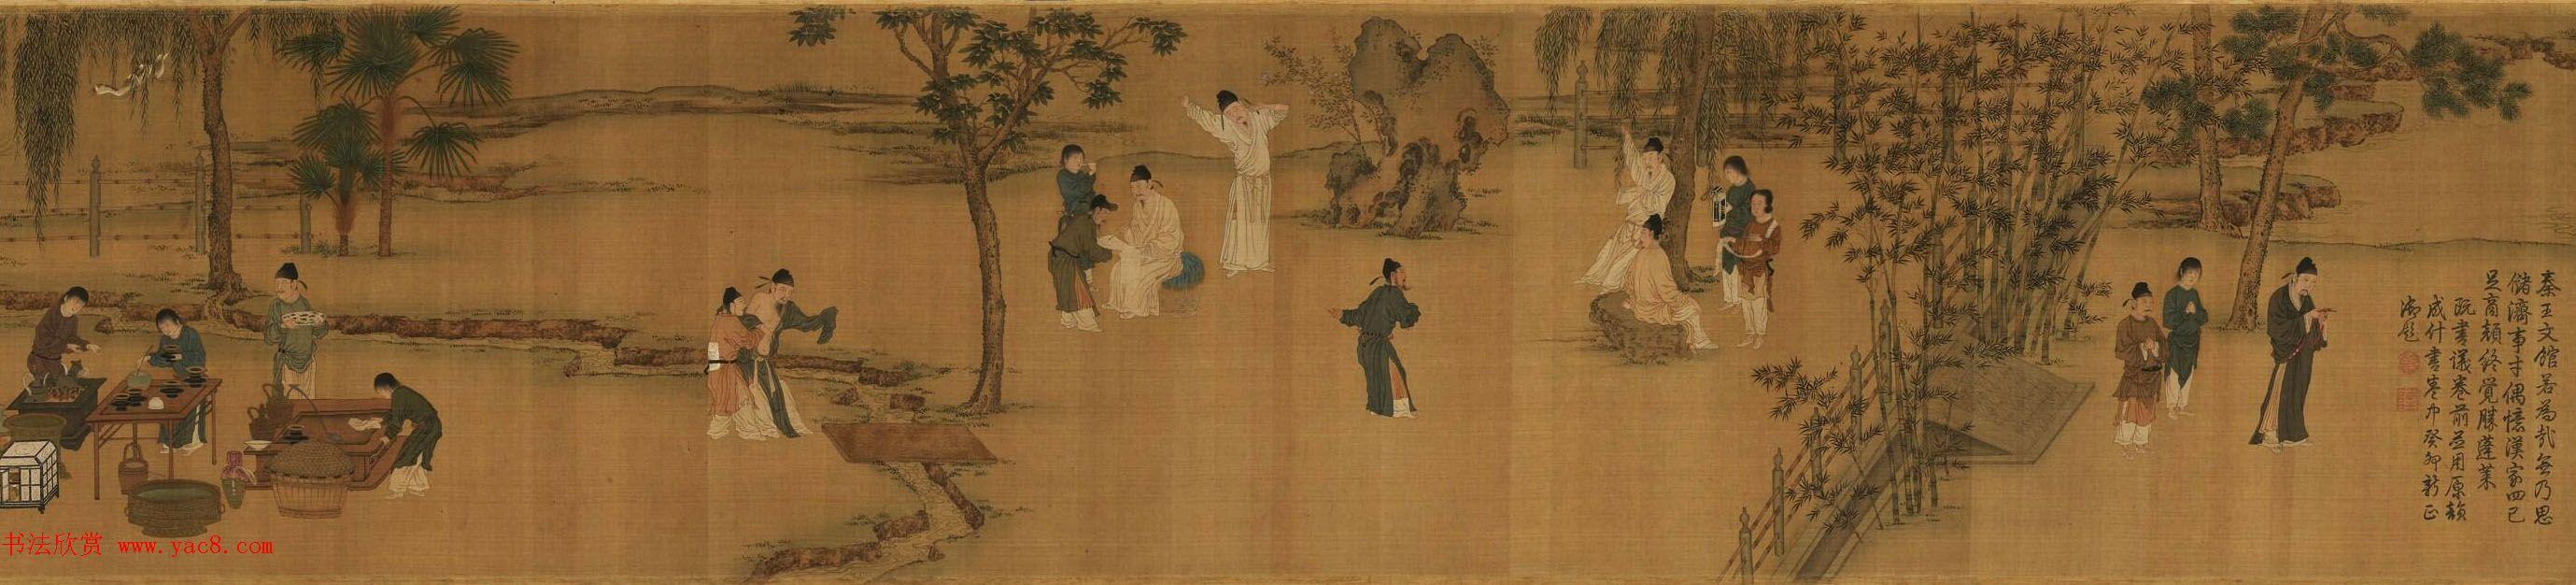 宋徽宗赵佶书画欣赏《唐十八学士图卷》台北故宫博物院藏